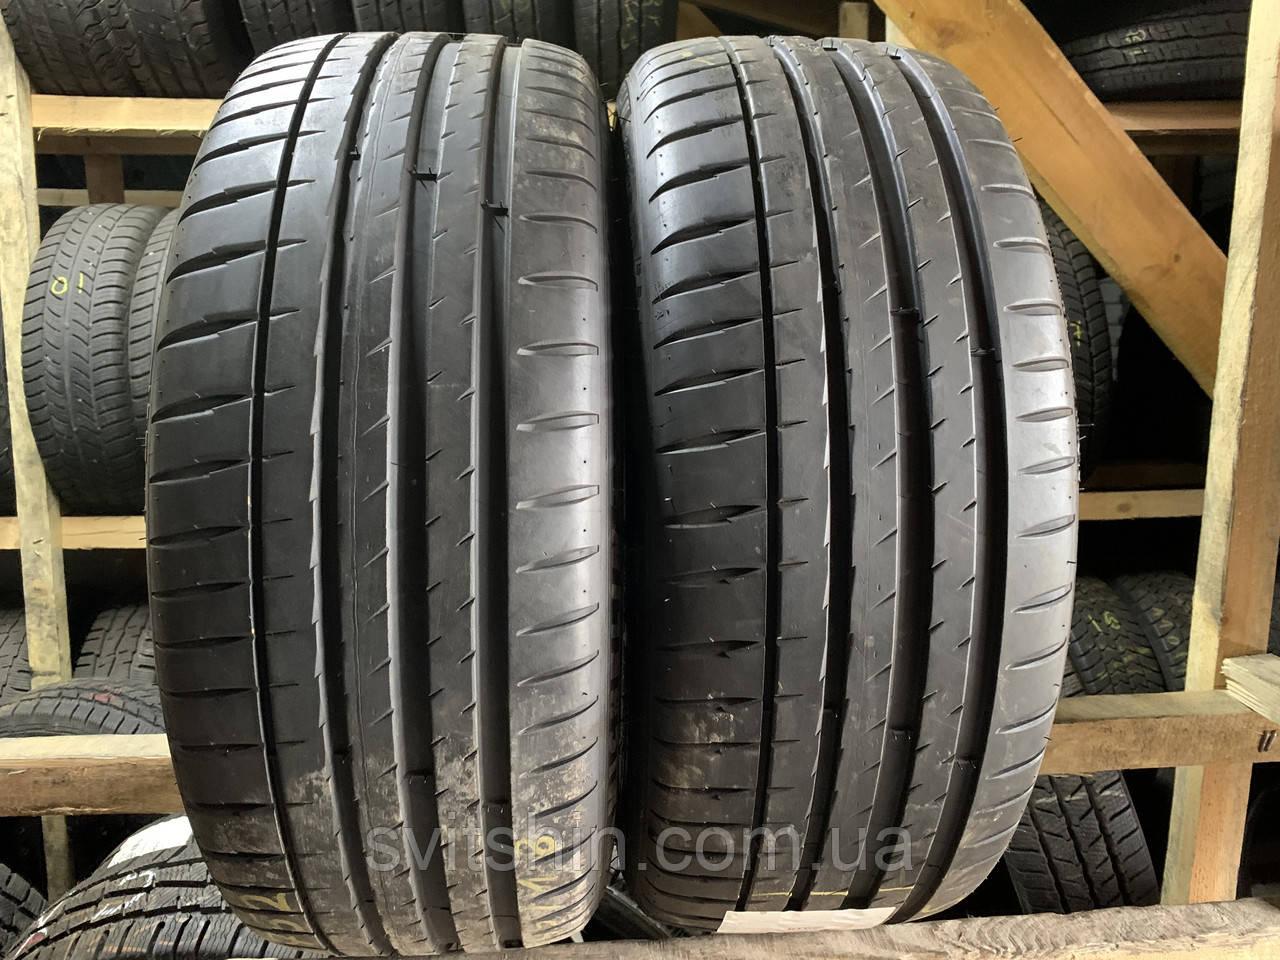 Літні шини 225/45R18 Michelin Pilot Sport 4 ZP (РАНФЛЕТ) 6.5мм R18